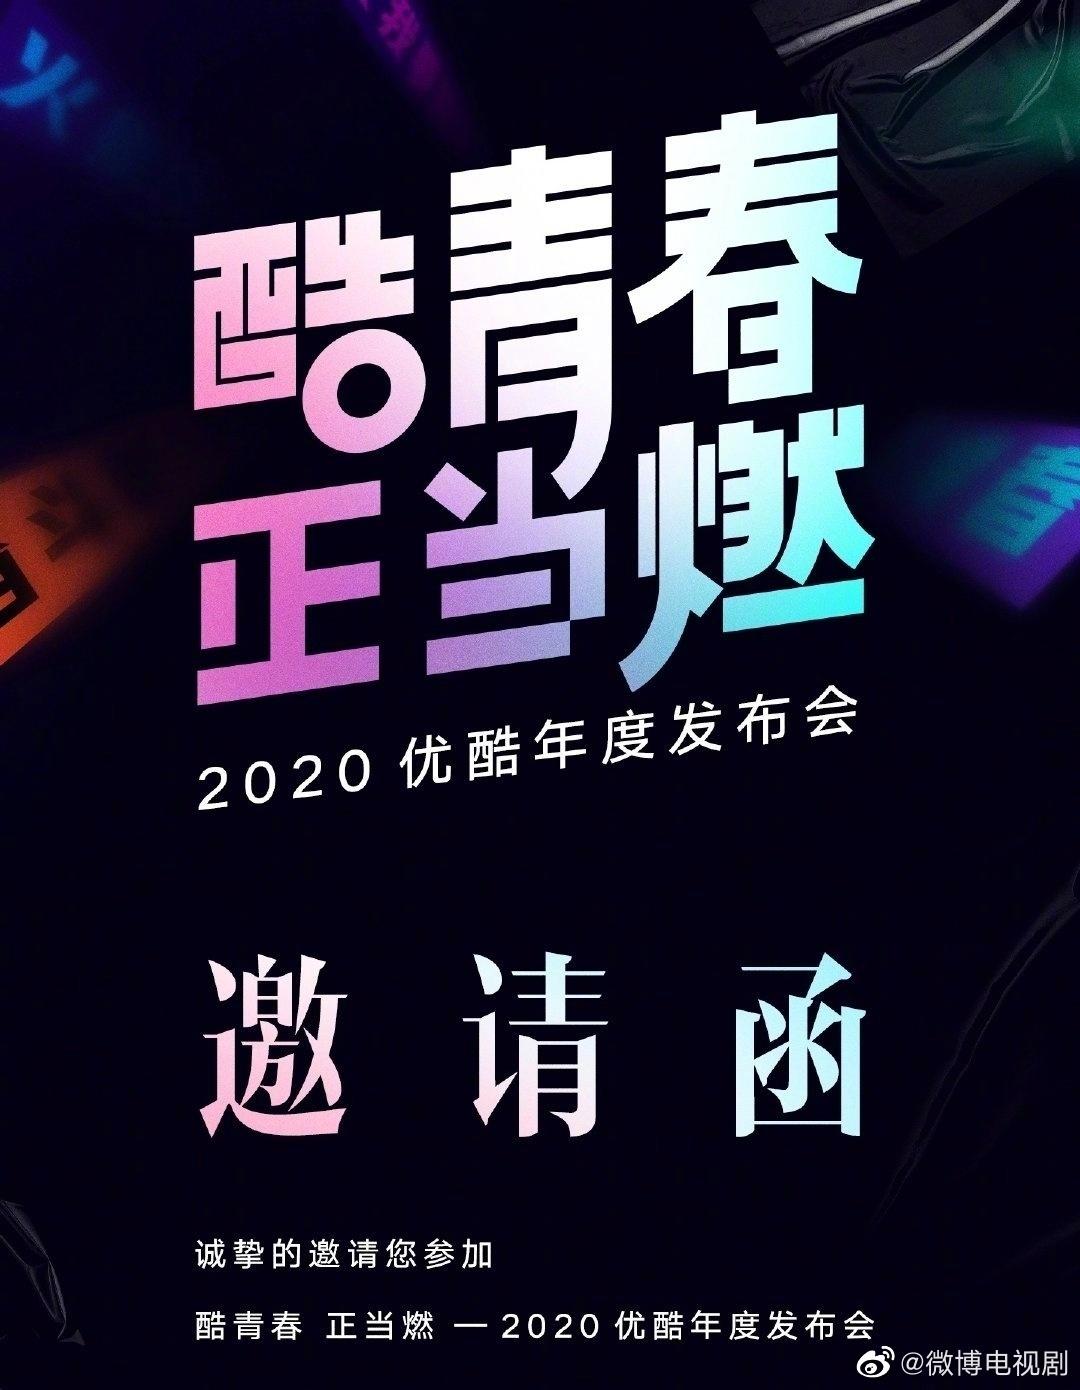 优酷年度发布会备播剧目《琉璃》成毅、袁冰妍、刘学义、张予曦《天